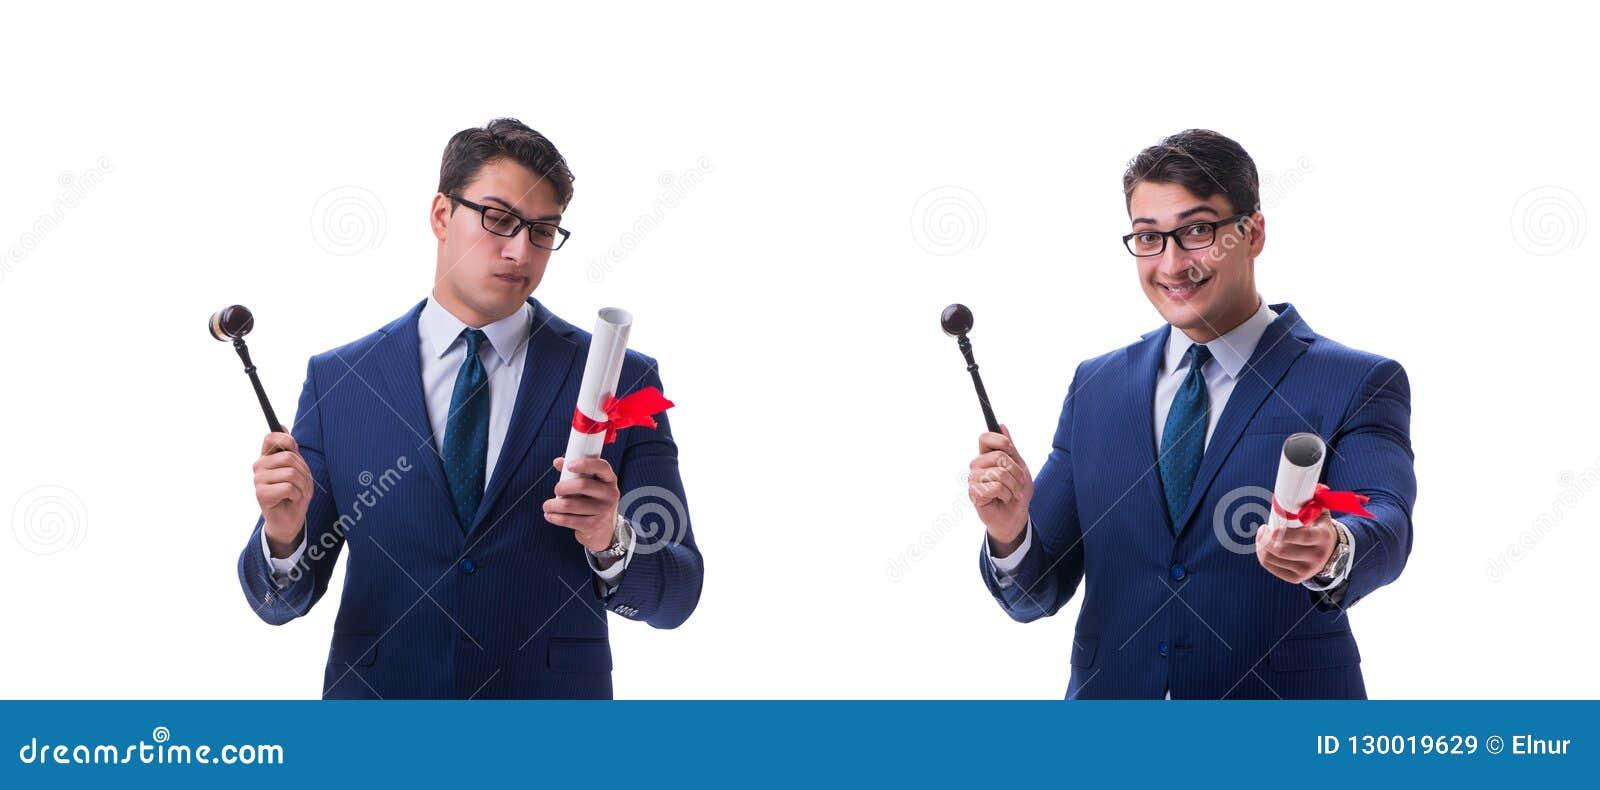 Der Rechtsanwaltjurastudent mit einem Hammer lokalisiert auf weißem Hintergrund